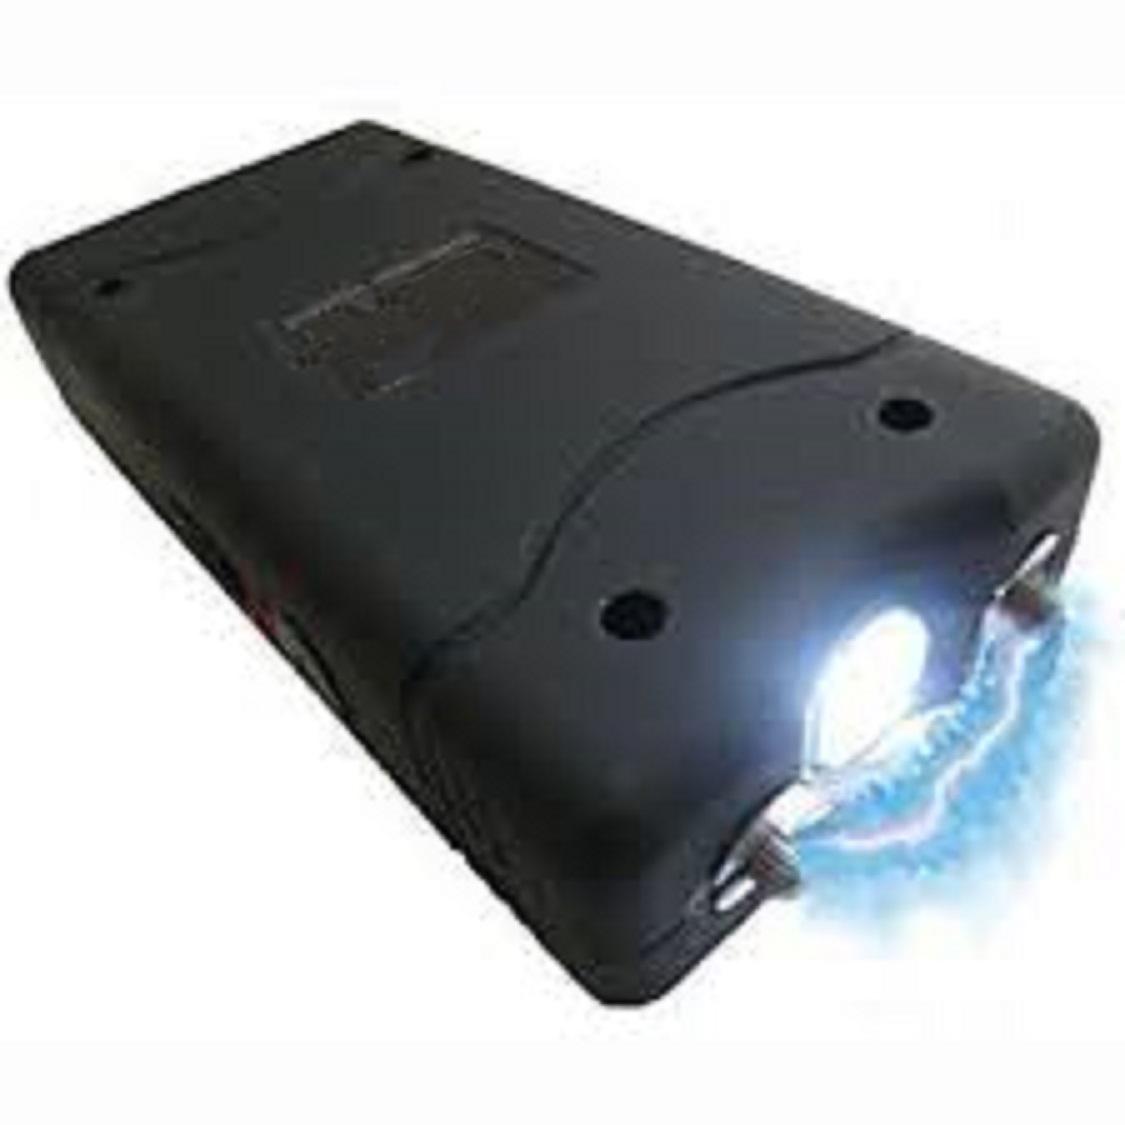 Maquina de choque Teaser com lanterna